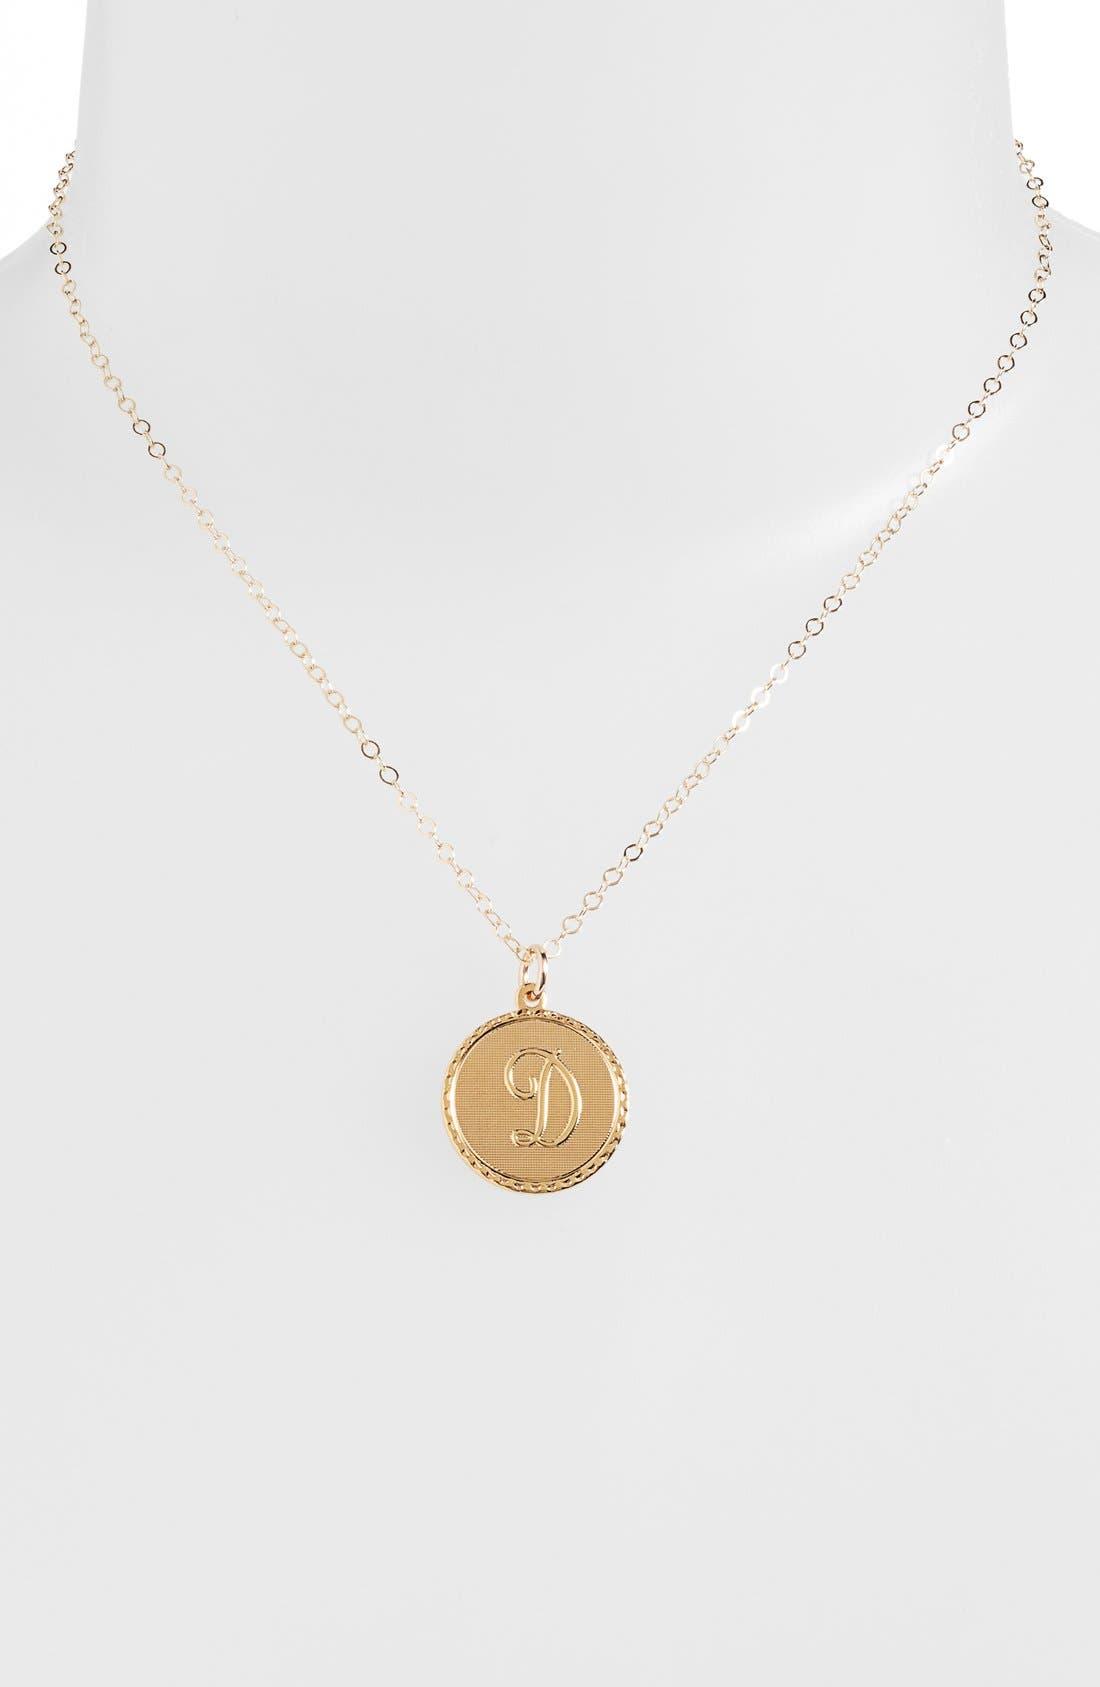 'Dalton' Initial Pendant Necklace,                             Alternate thumbnail 2, color,                             GOLD - D